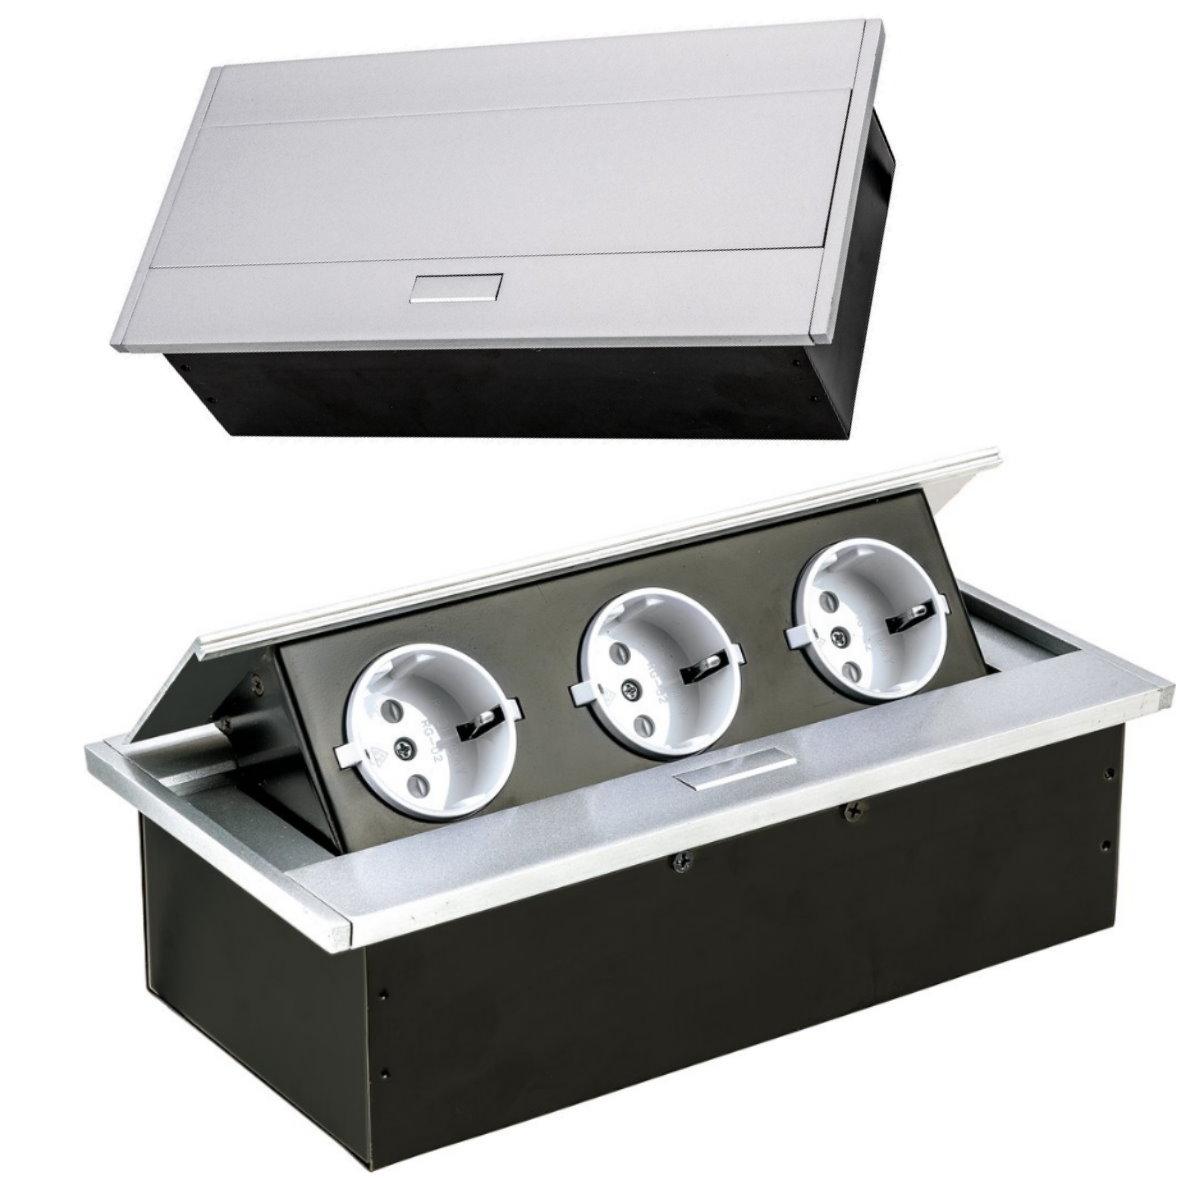 einbau steckdose versenkbar klappbar tischsteckdose tisch usb alu aluminium 3500 ebay. Black Bedroom Furniture Sets. Home Design Ideas